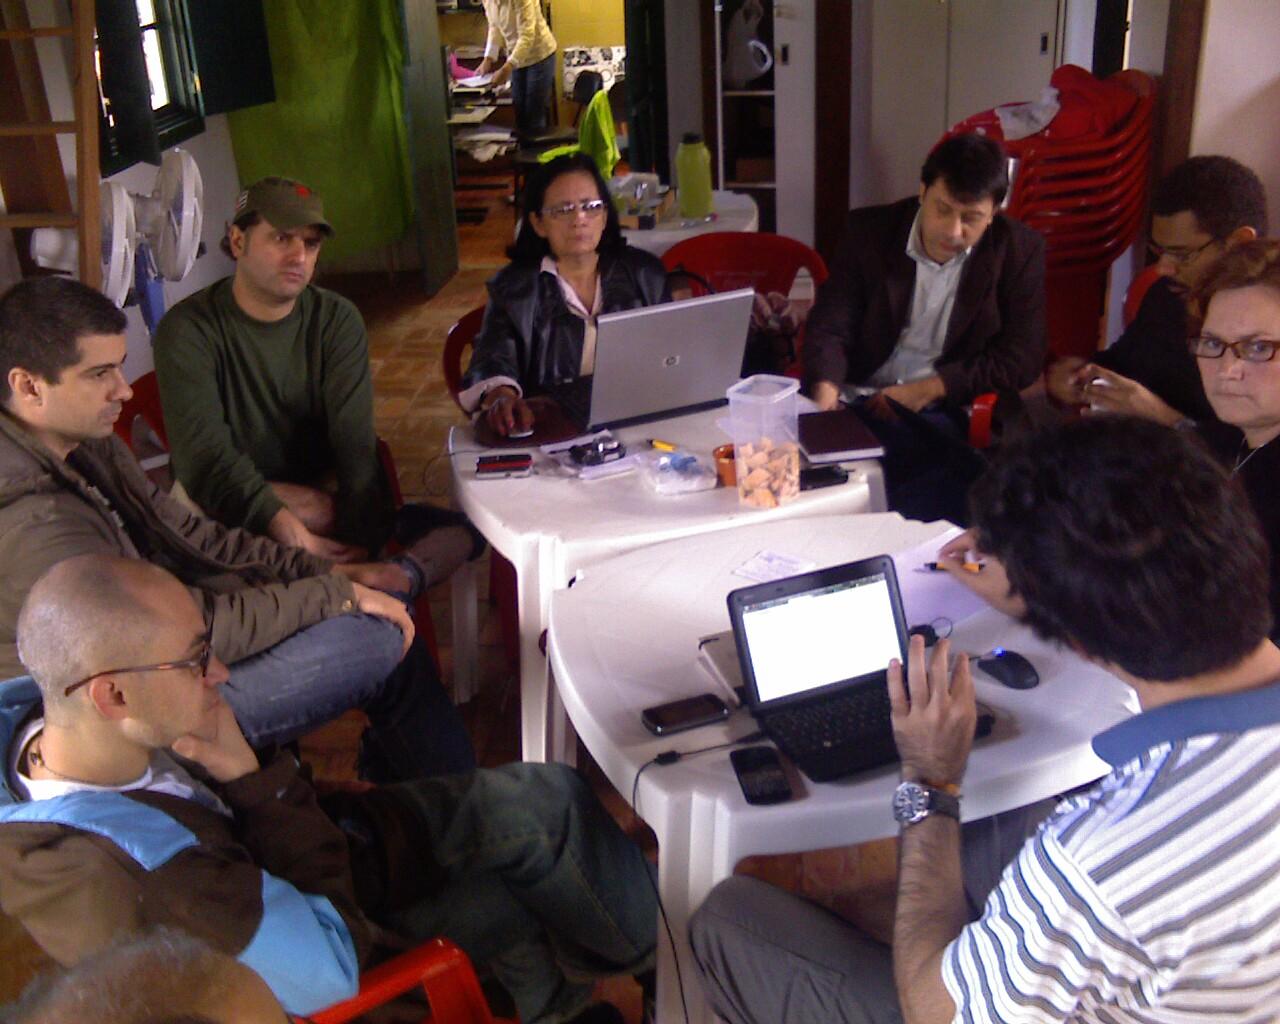 Encontro dos #pontosdecultura sobre a @TeiaSul no @baiacudealguem